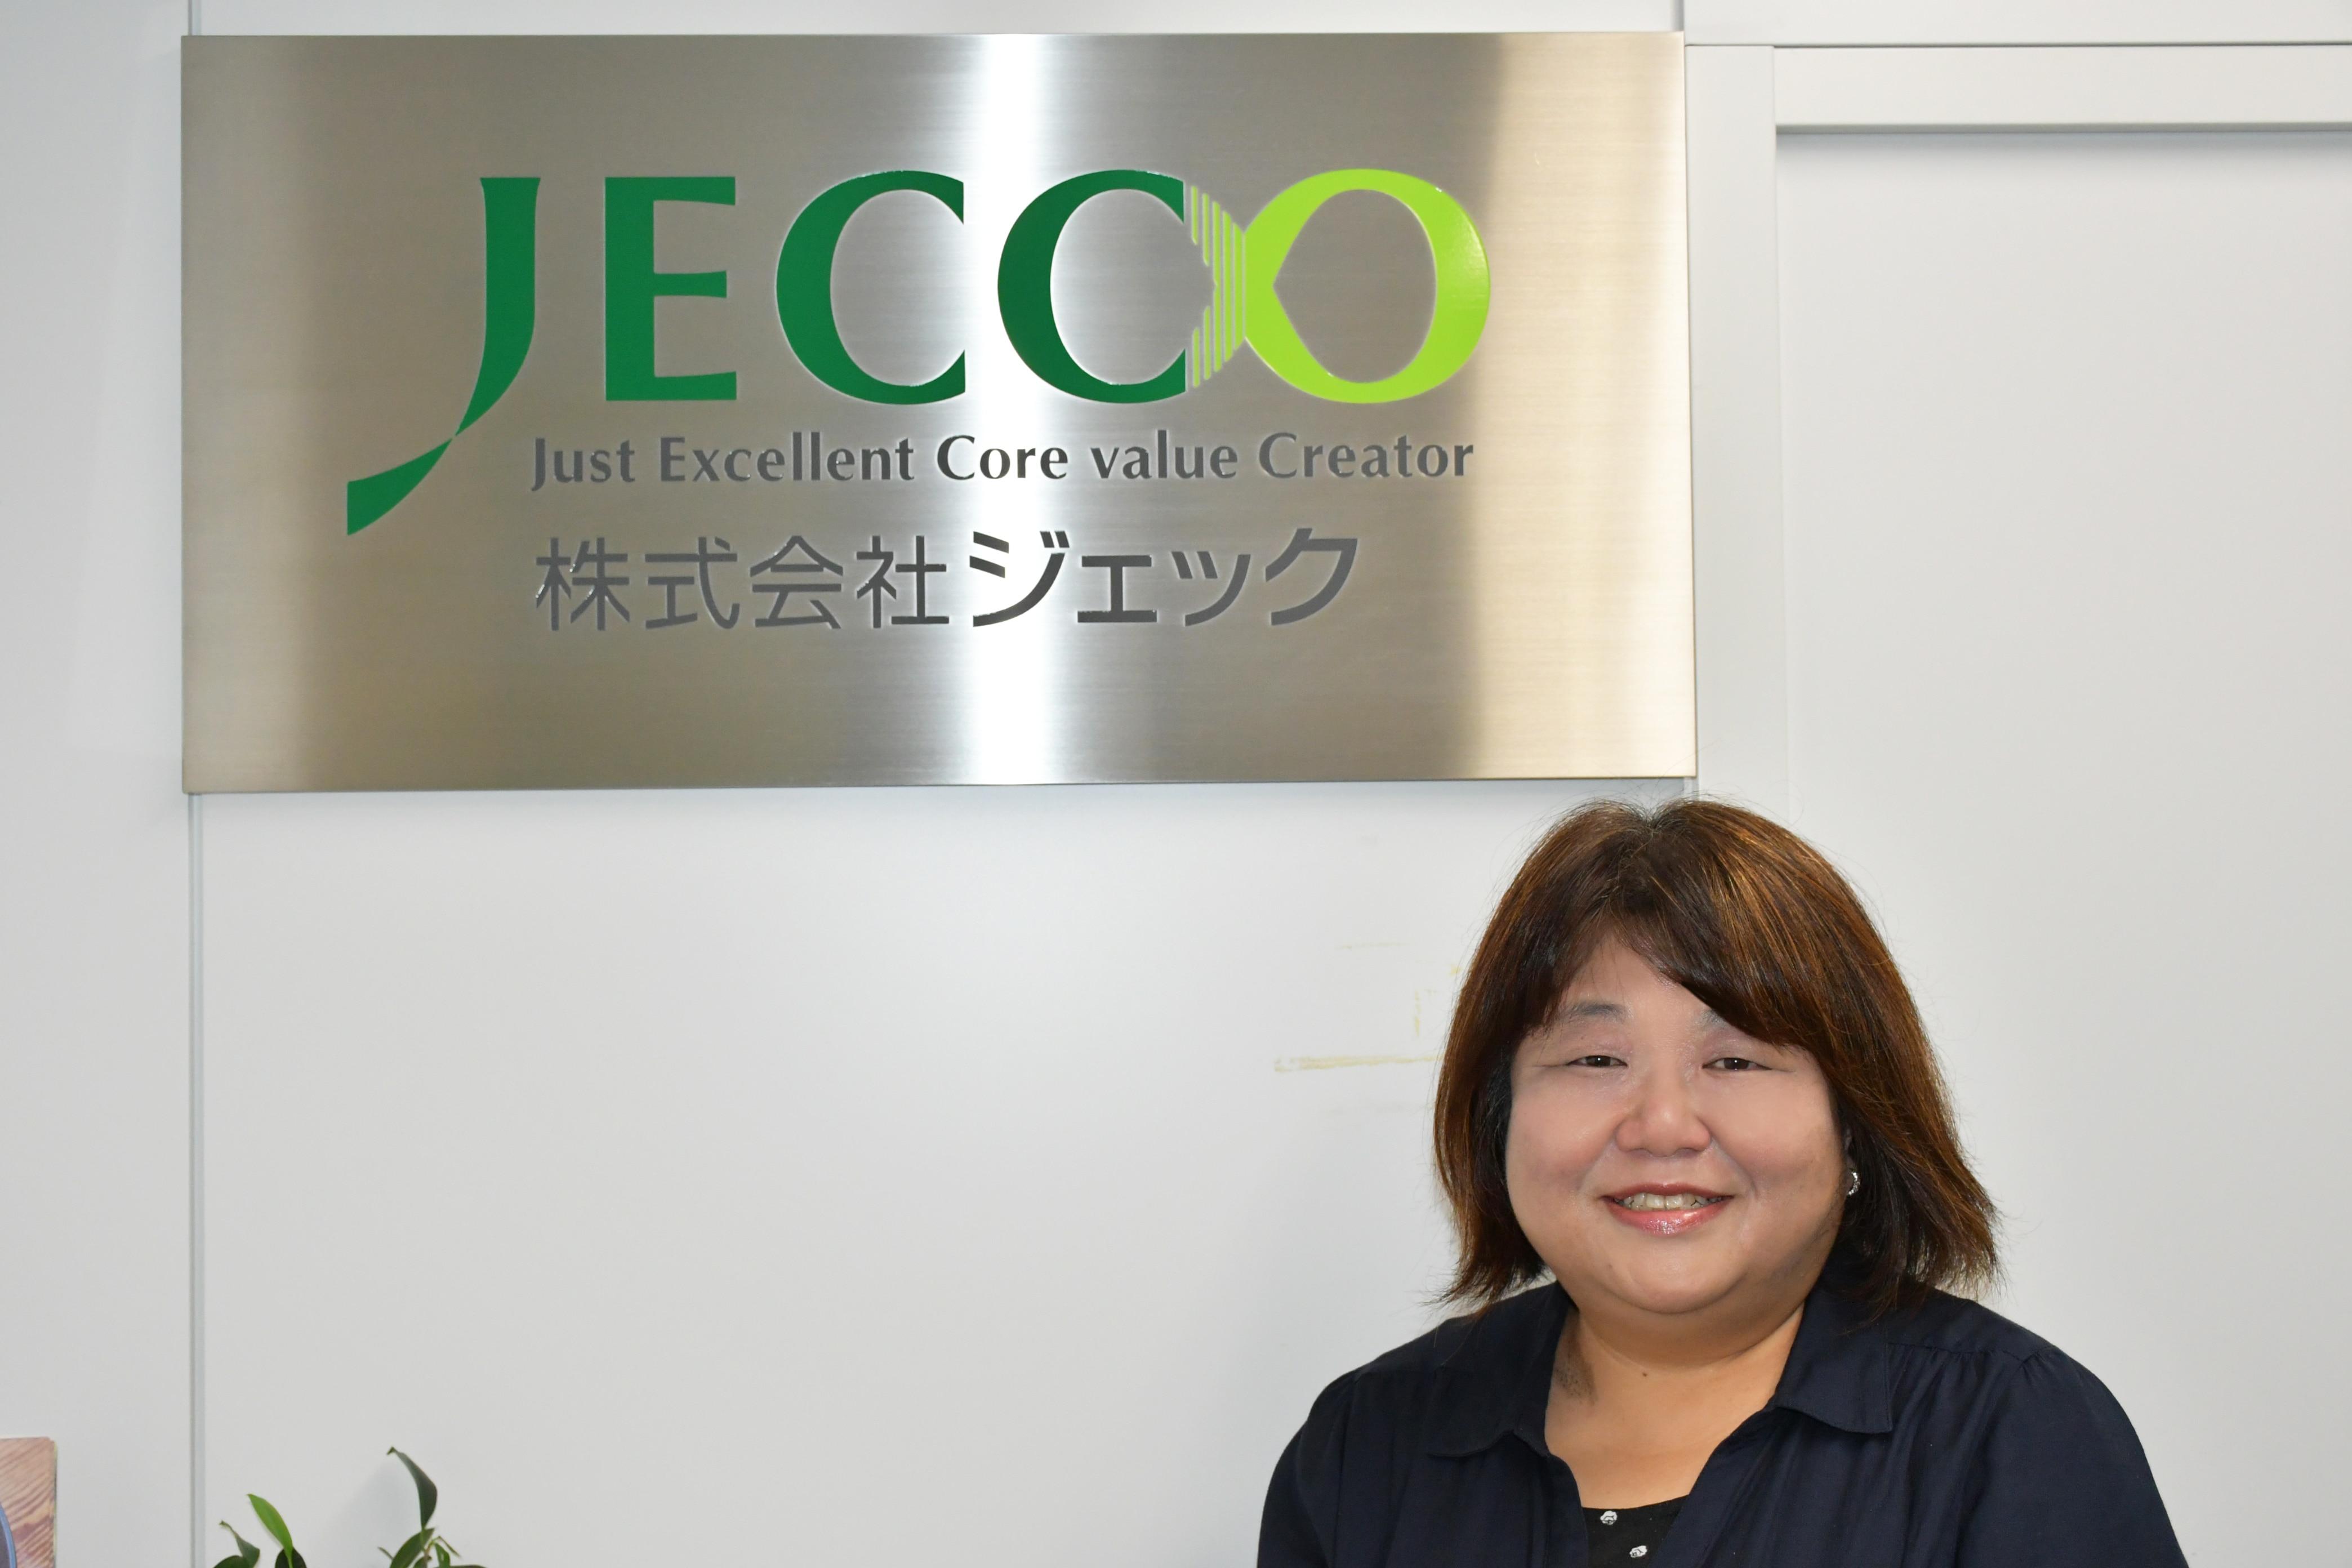 株式会社ジェック小倉様